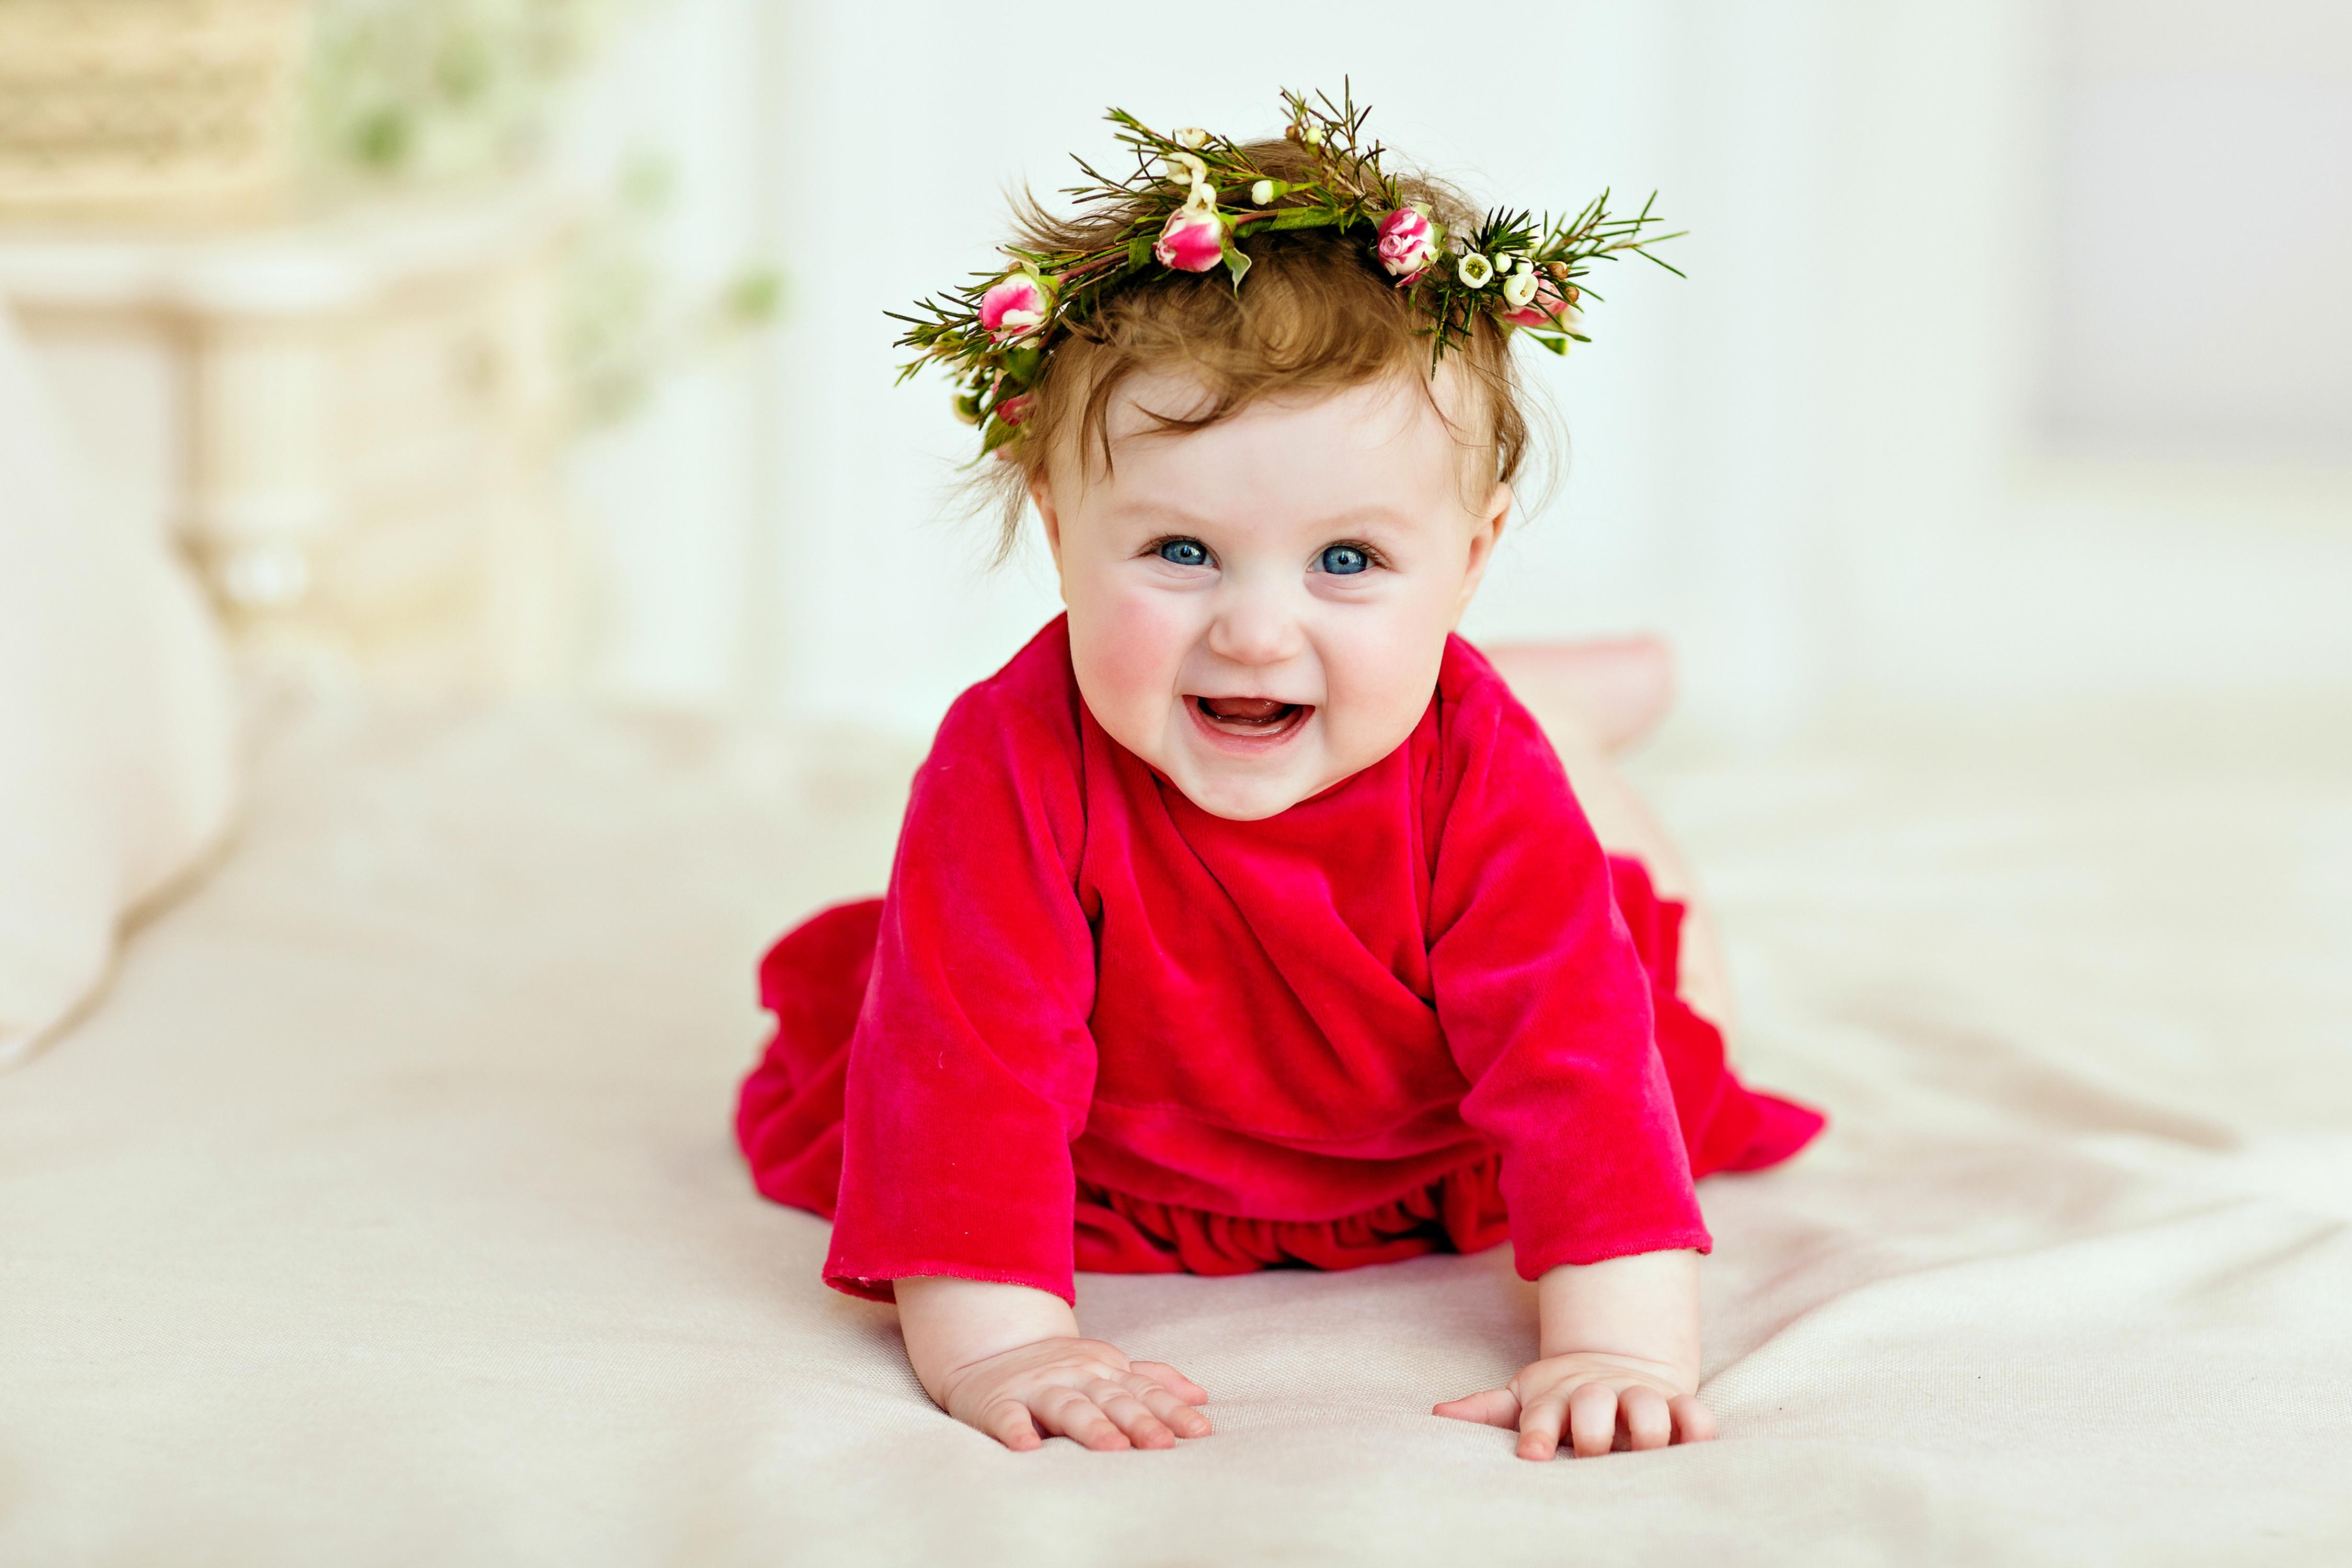 Фотографии маленьких детей картинки